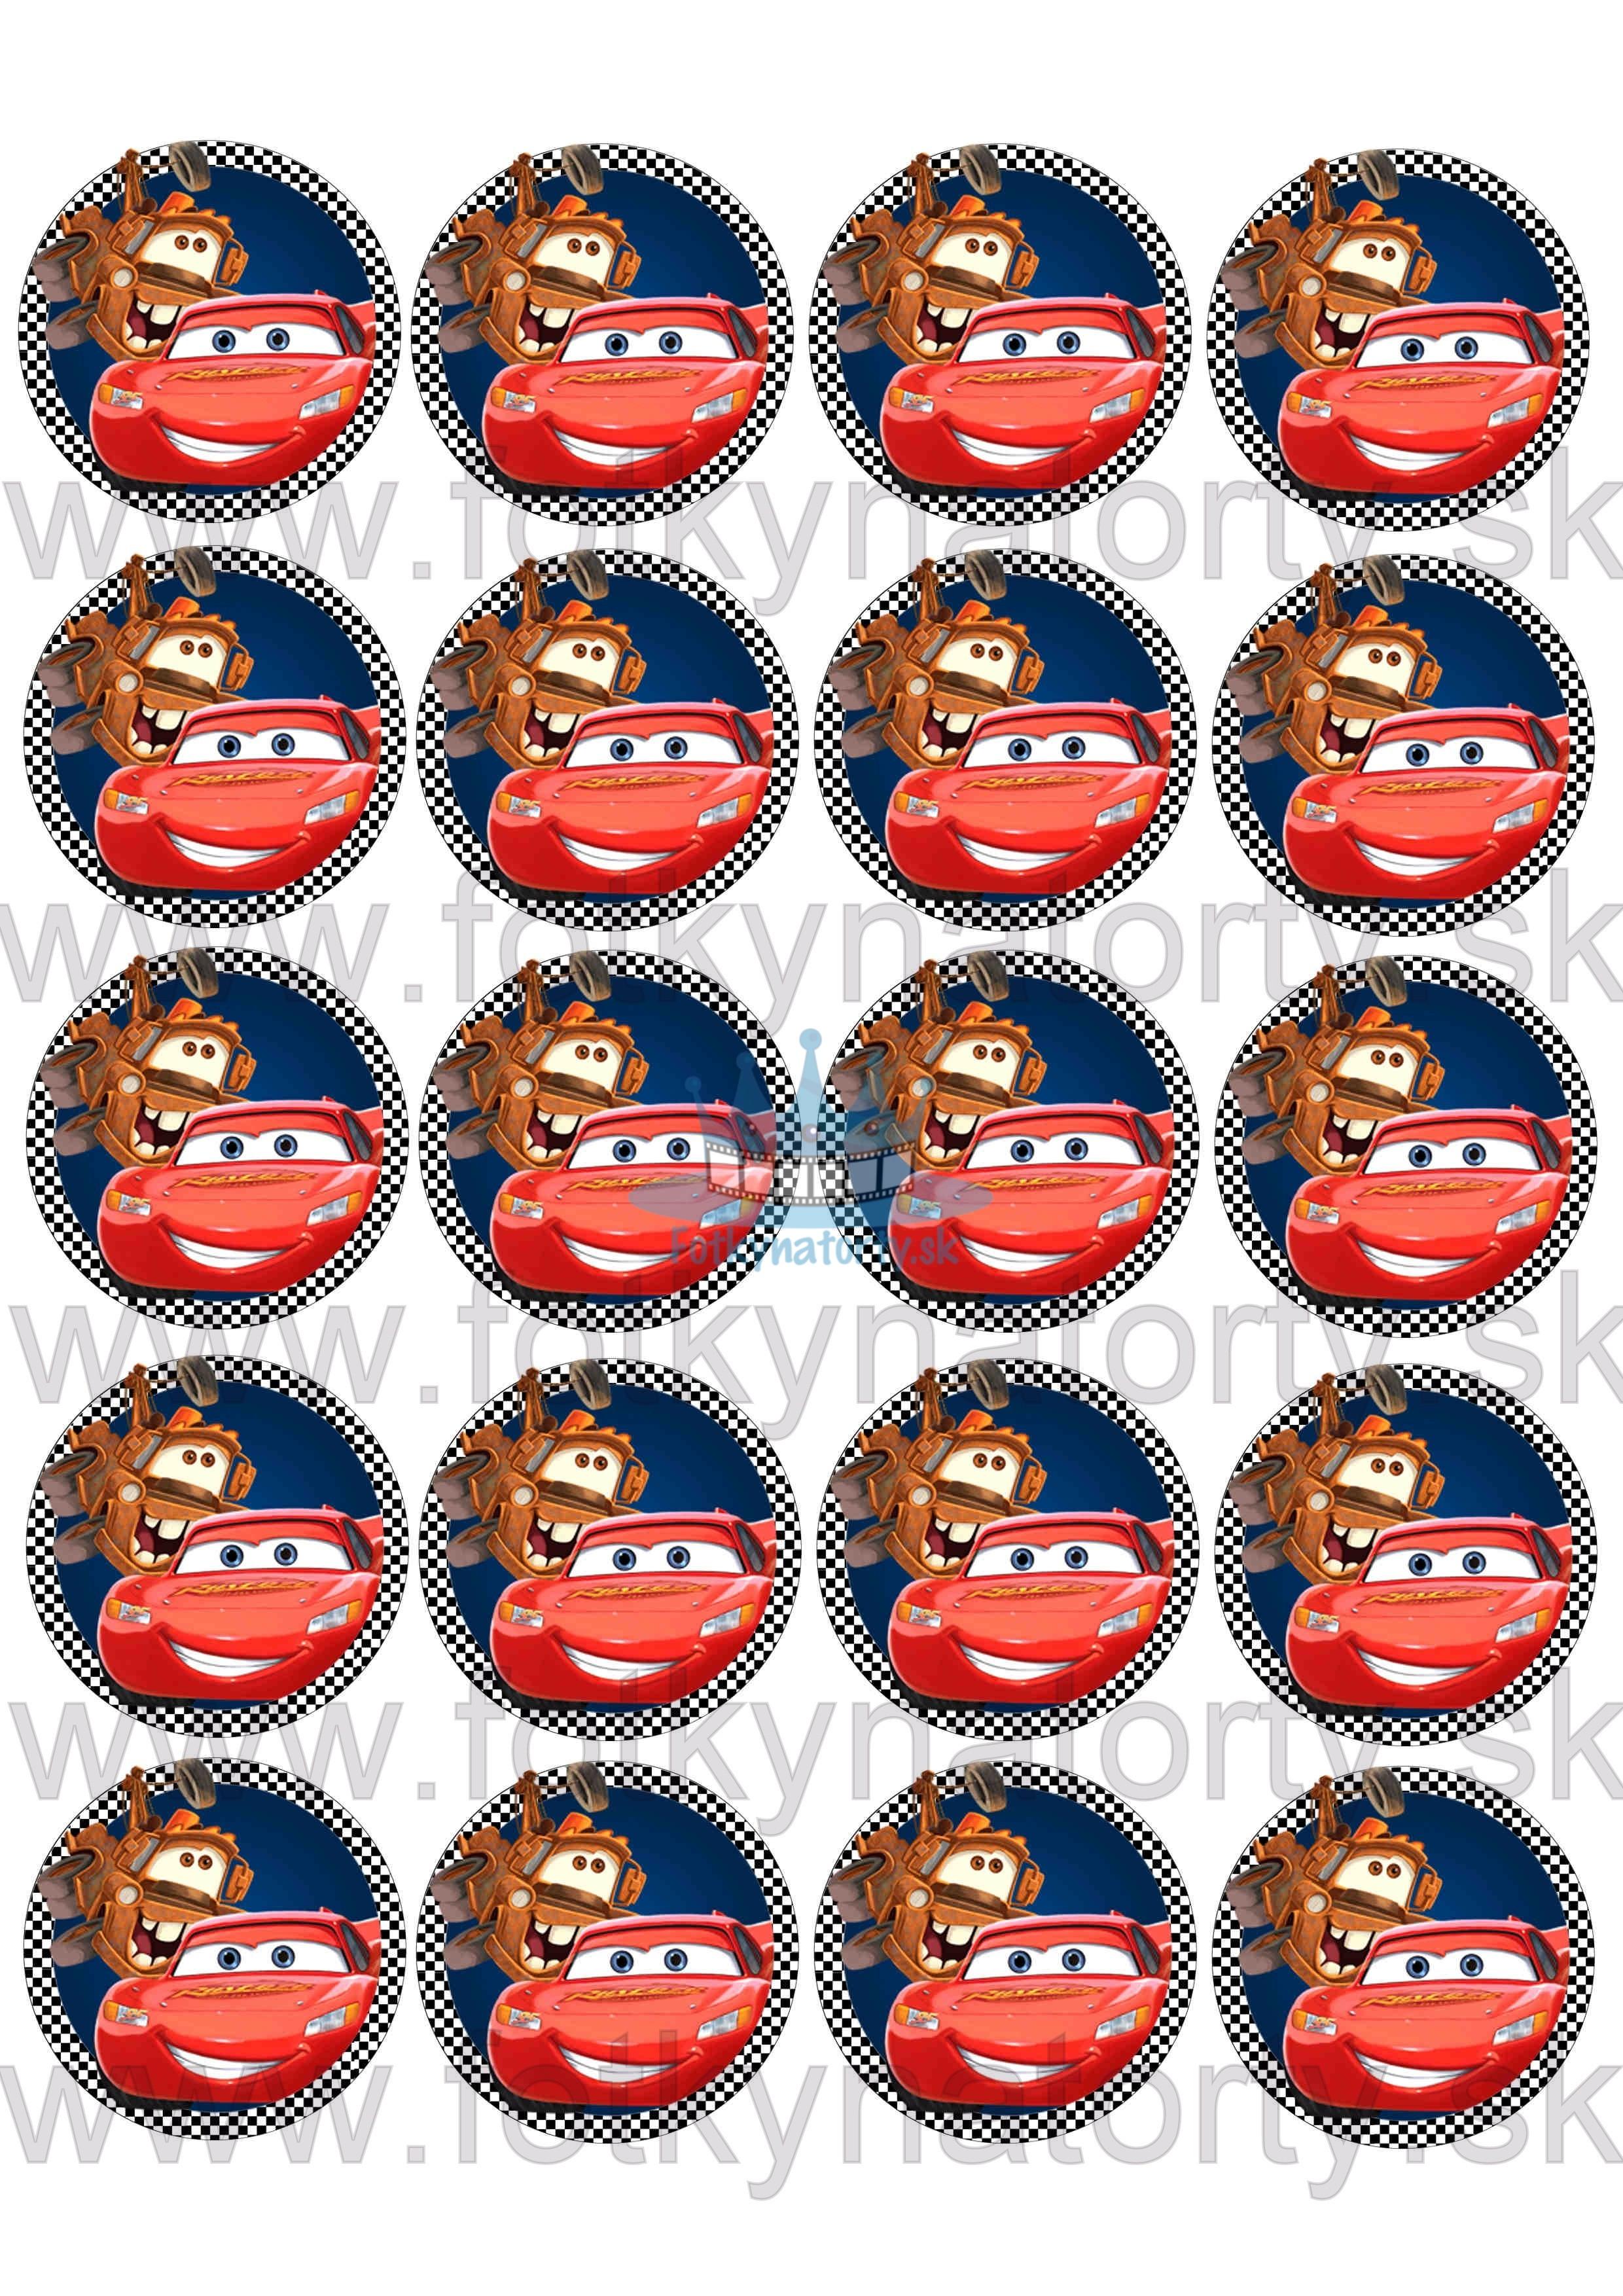 Autíčka Cars na muffiny - 20 ks - jedlé obrázky na zákusky, medovníčky a iné dobrôtky / na tortu / jedlé tortové obrázky / Fotky na torty